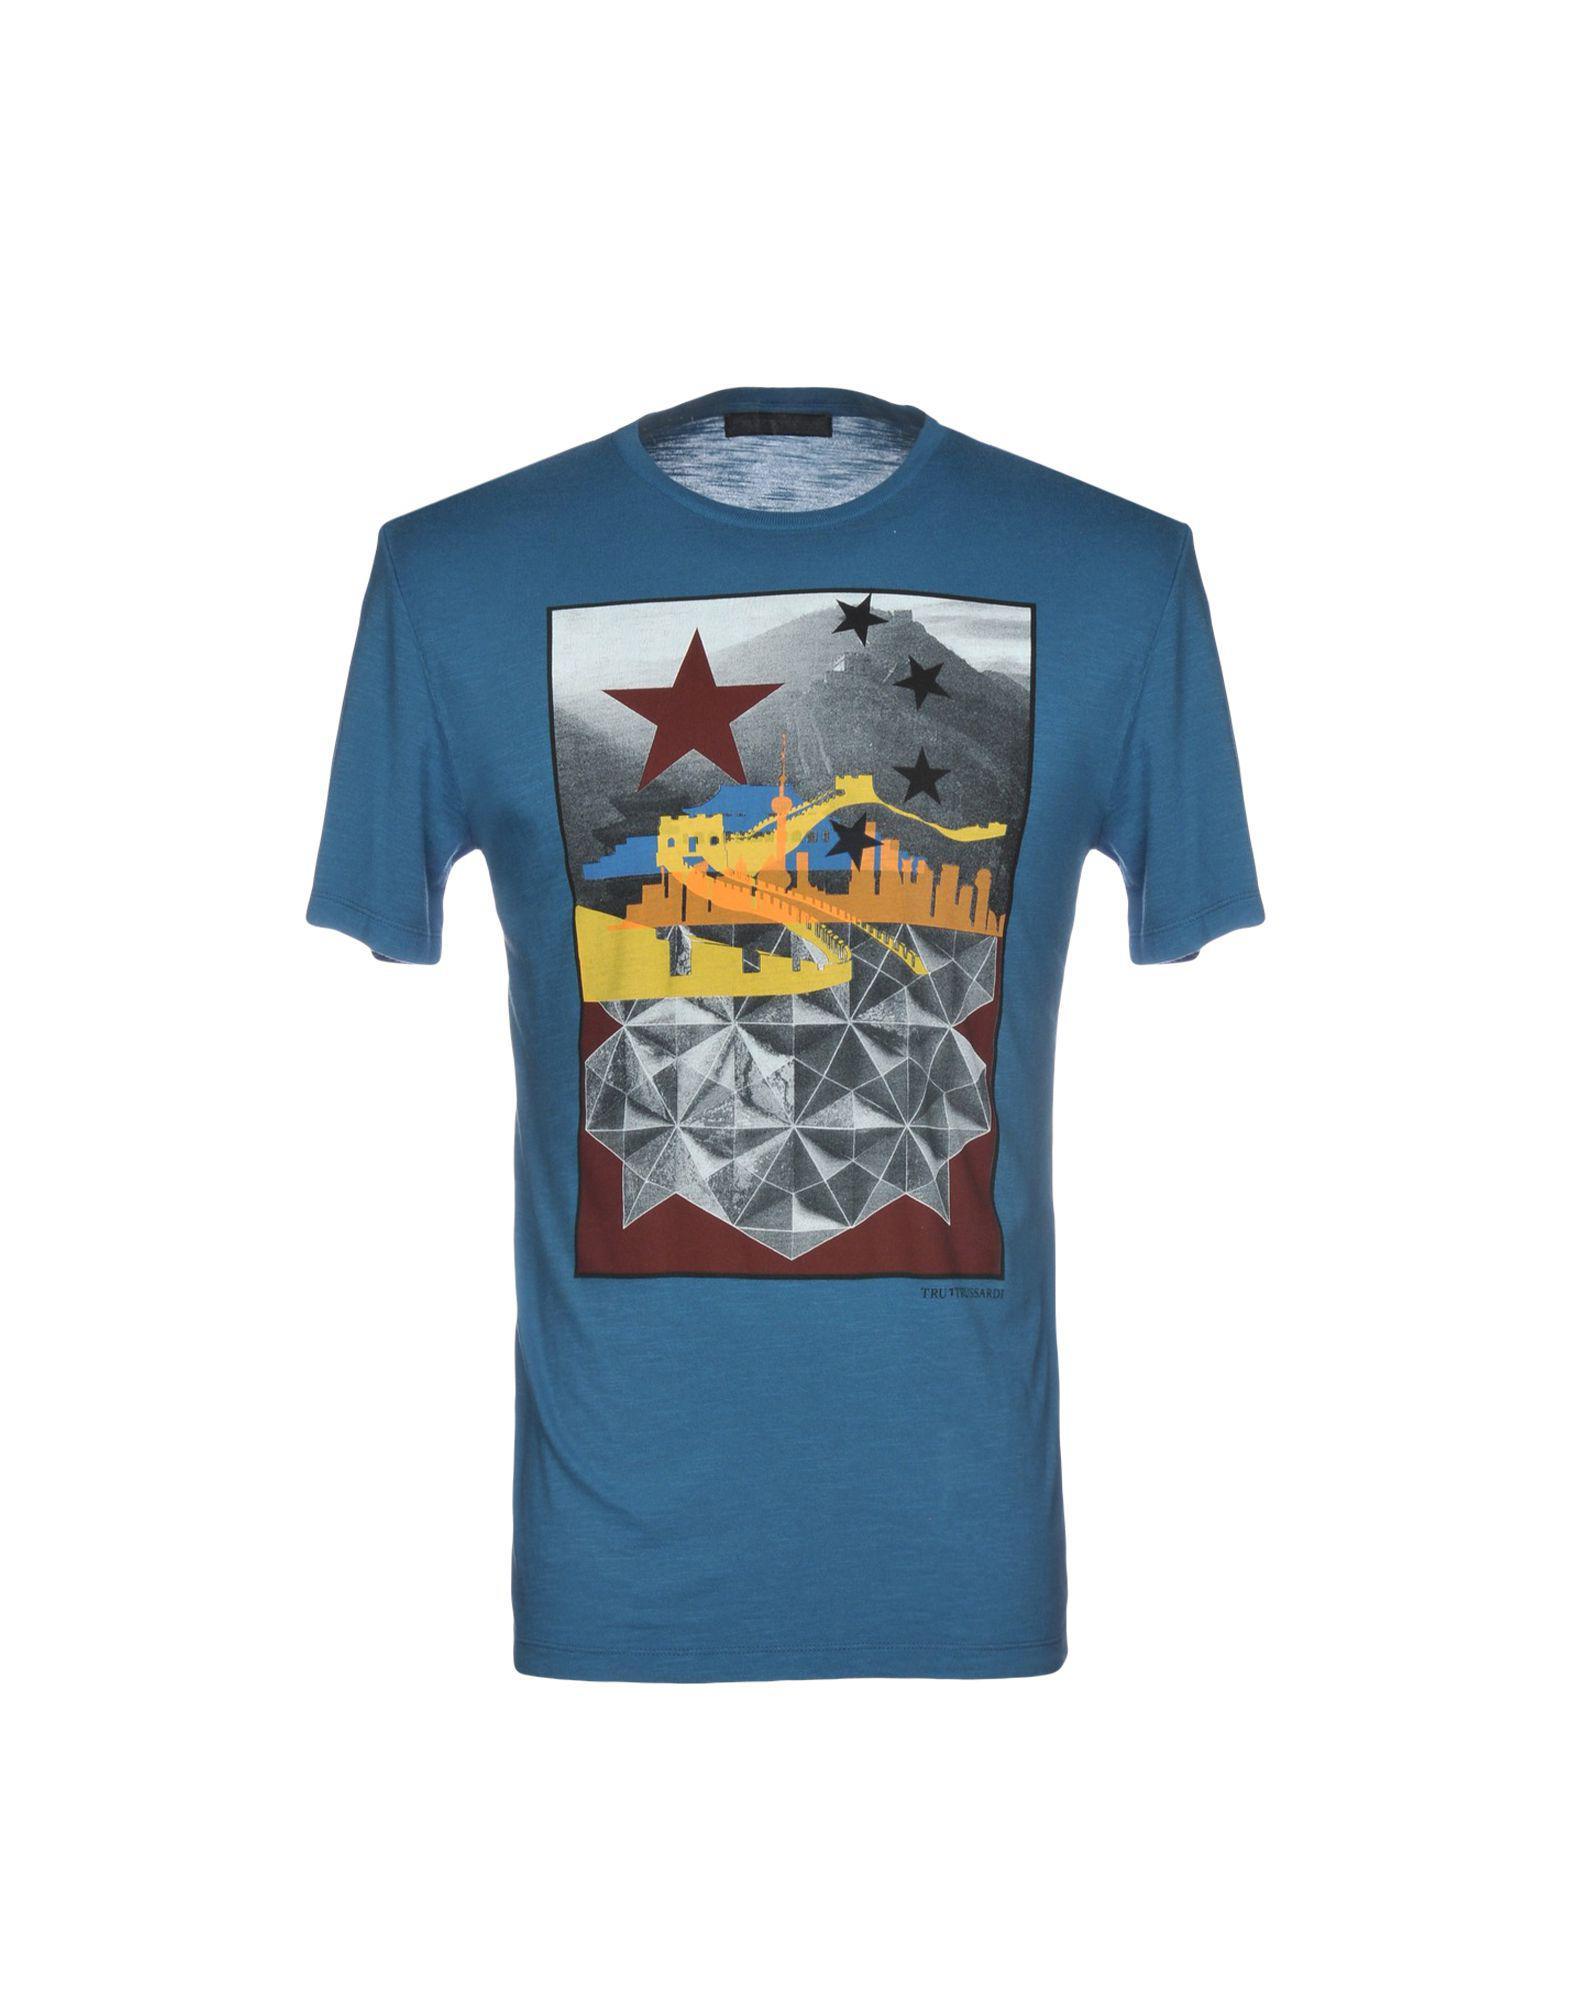 019b75c4c7 Lyst - Camiseta Tru Trussardi de hombre de color Azul